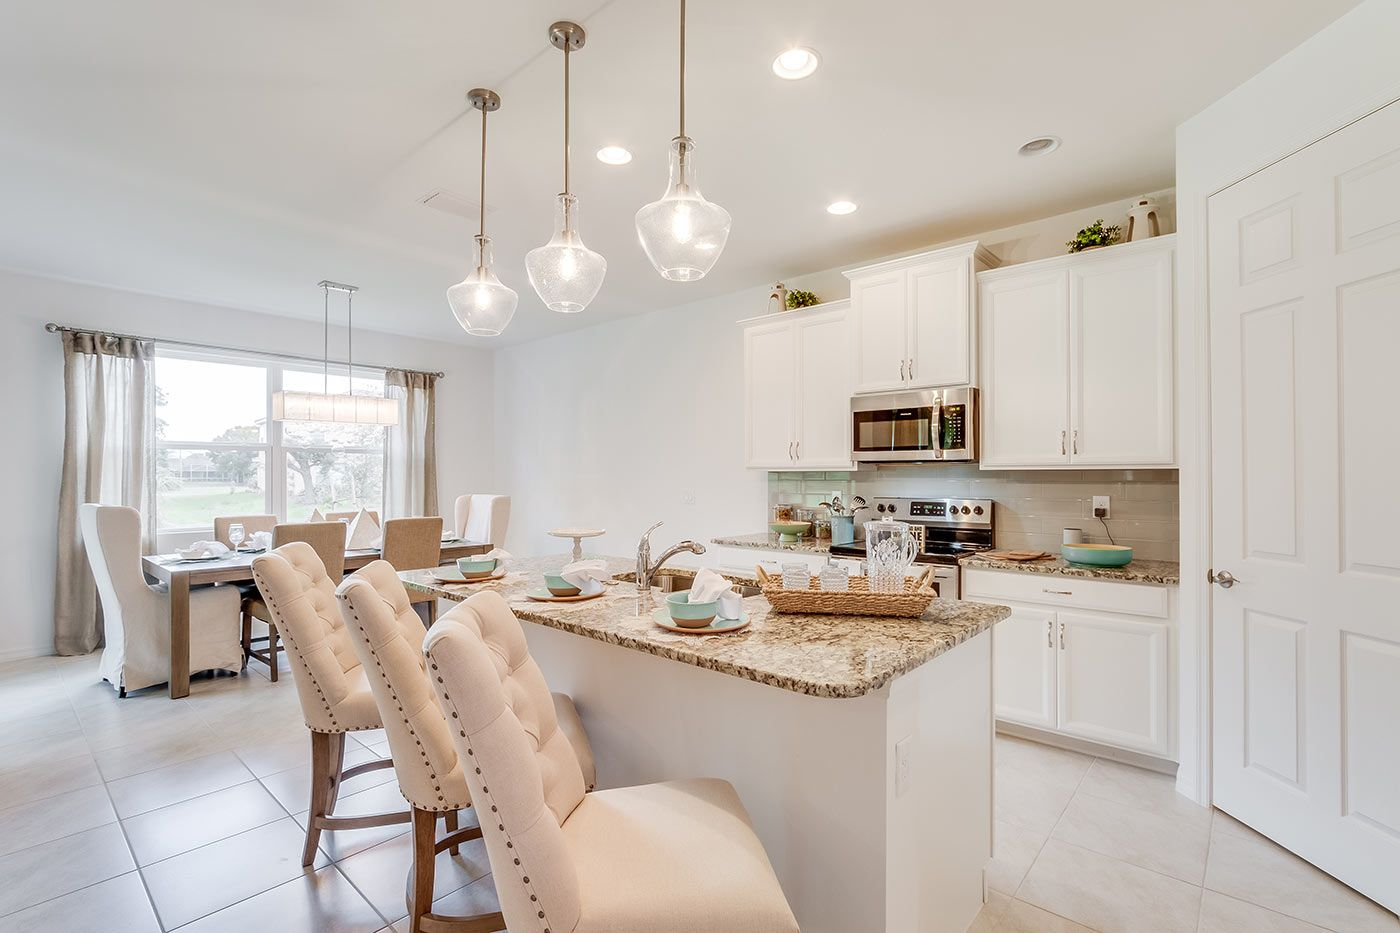 Kitchen featured in the Kellen By D.R. Horton in Punta Gorda, FL